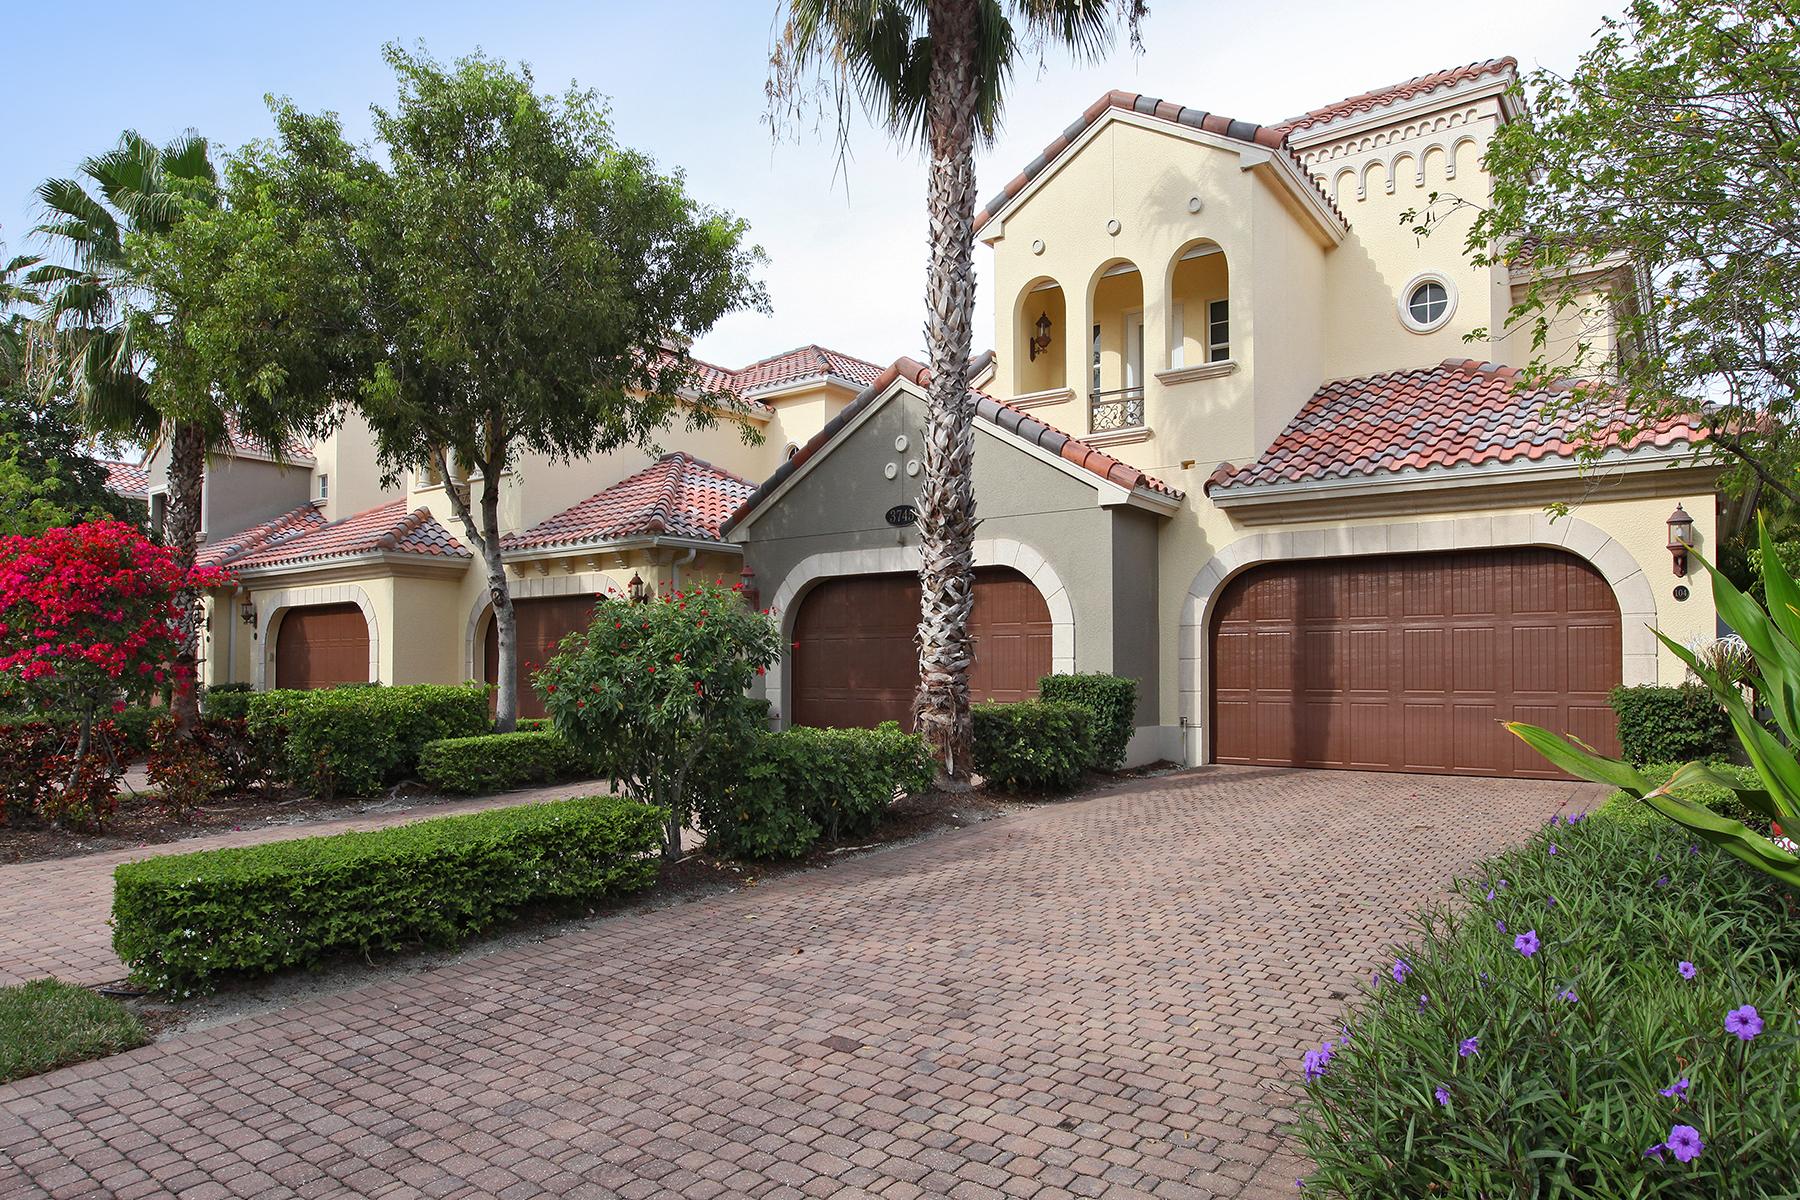 Condomínio para Venda às FIDDLER'S CREEK - MONTREUX 3745 Montreux Ln 104 Naples, Florida 34114 Estados Unidos